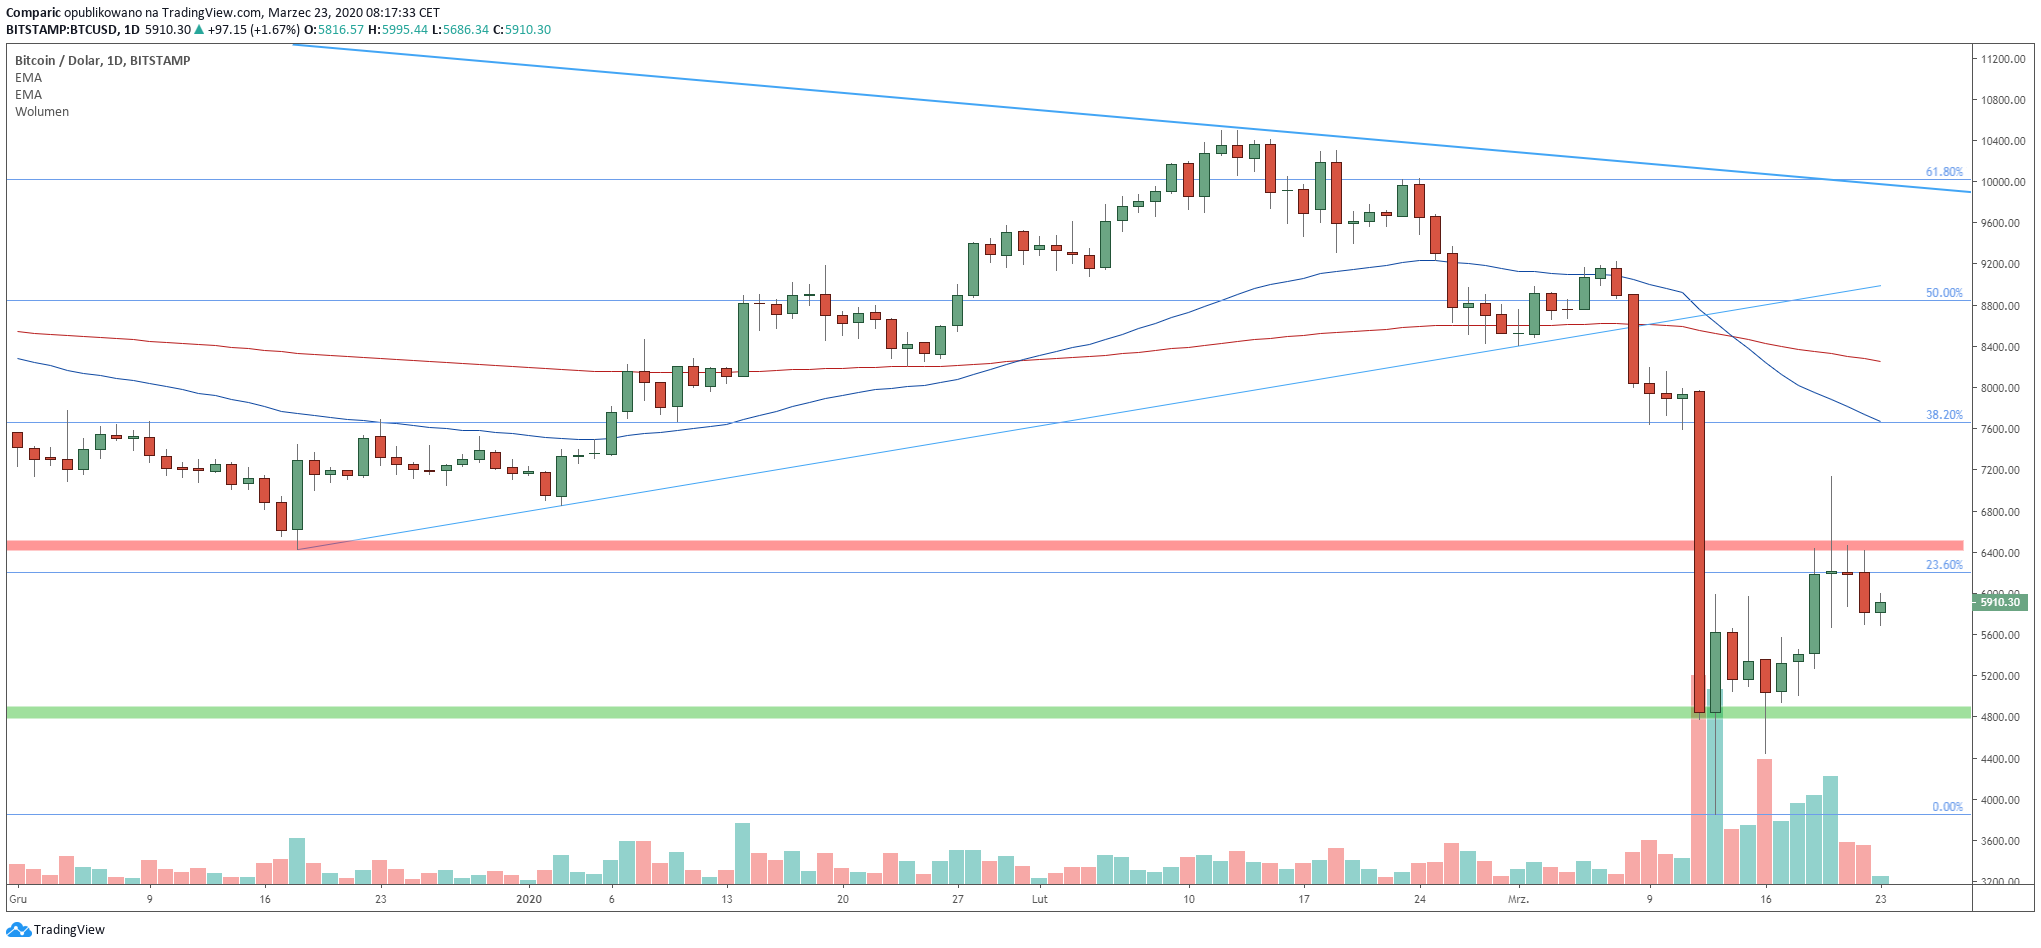 Bitcoin spada poniżej 6 tysięcy dolarów, utrzymuje się jednak w konsolidacji. Źródło: Tradingview.com